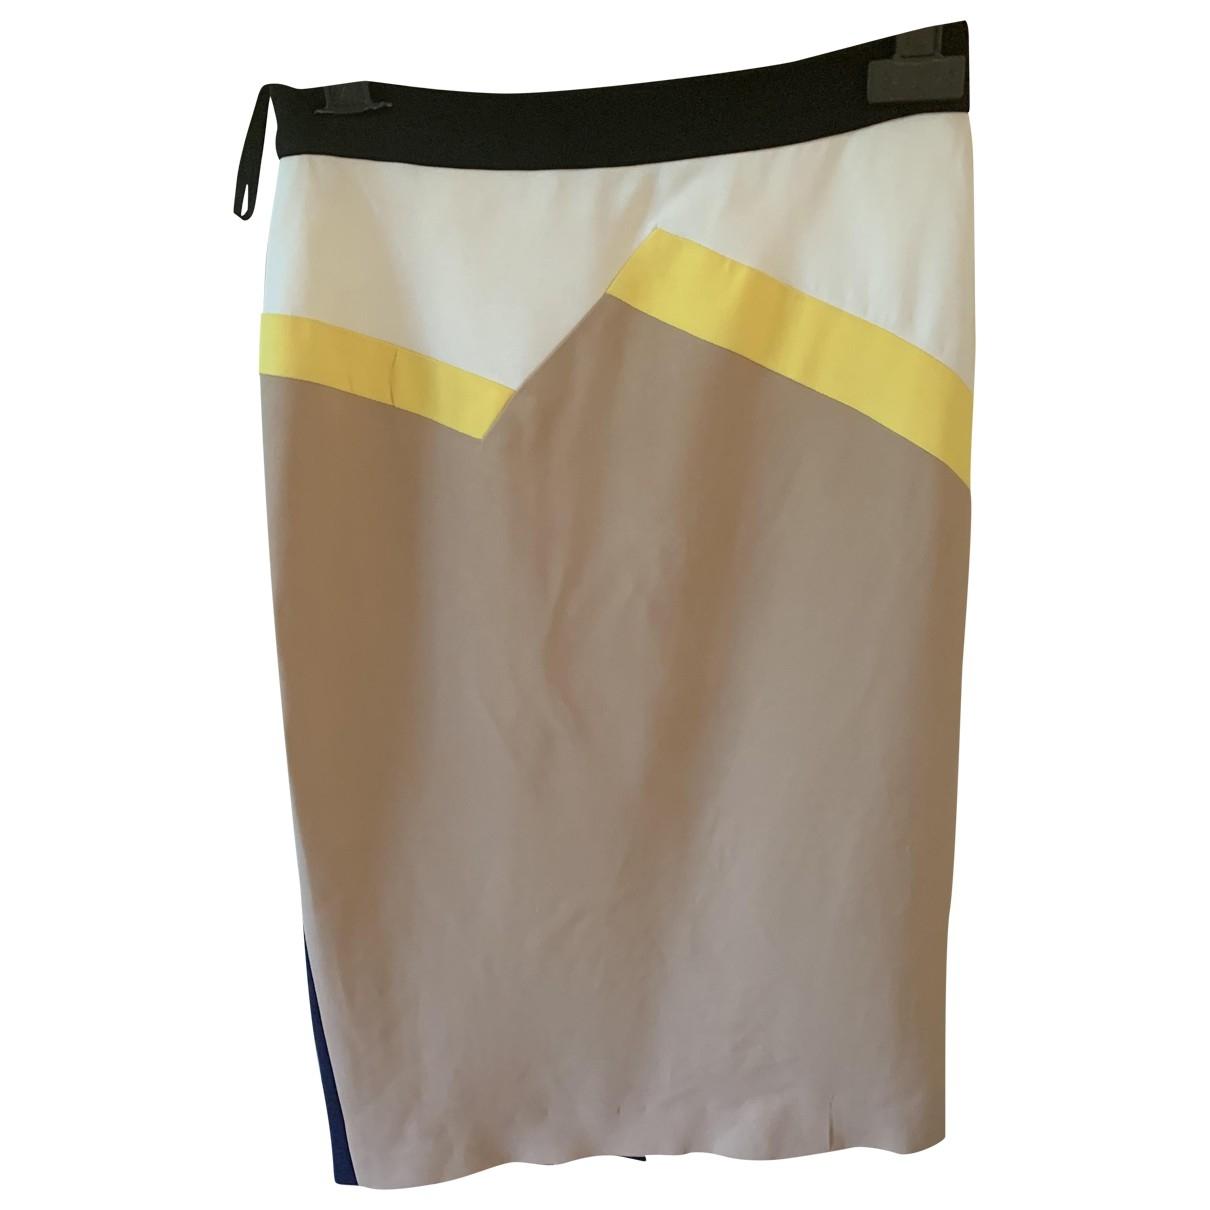 Vionnet \N skirt for Women 38 IT